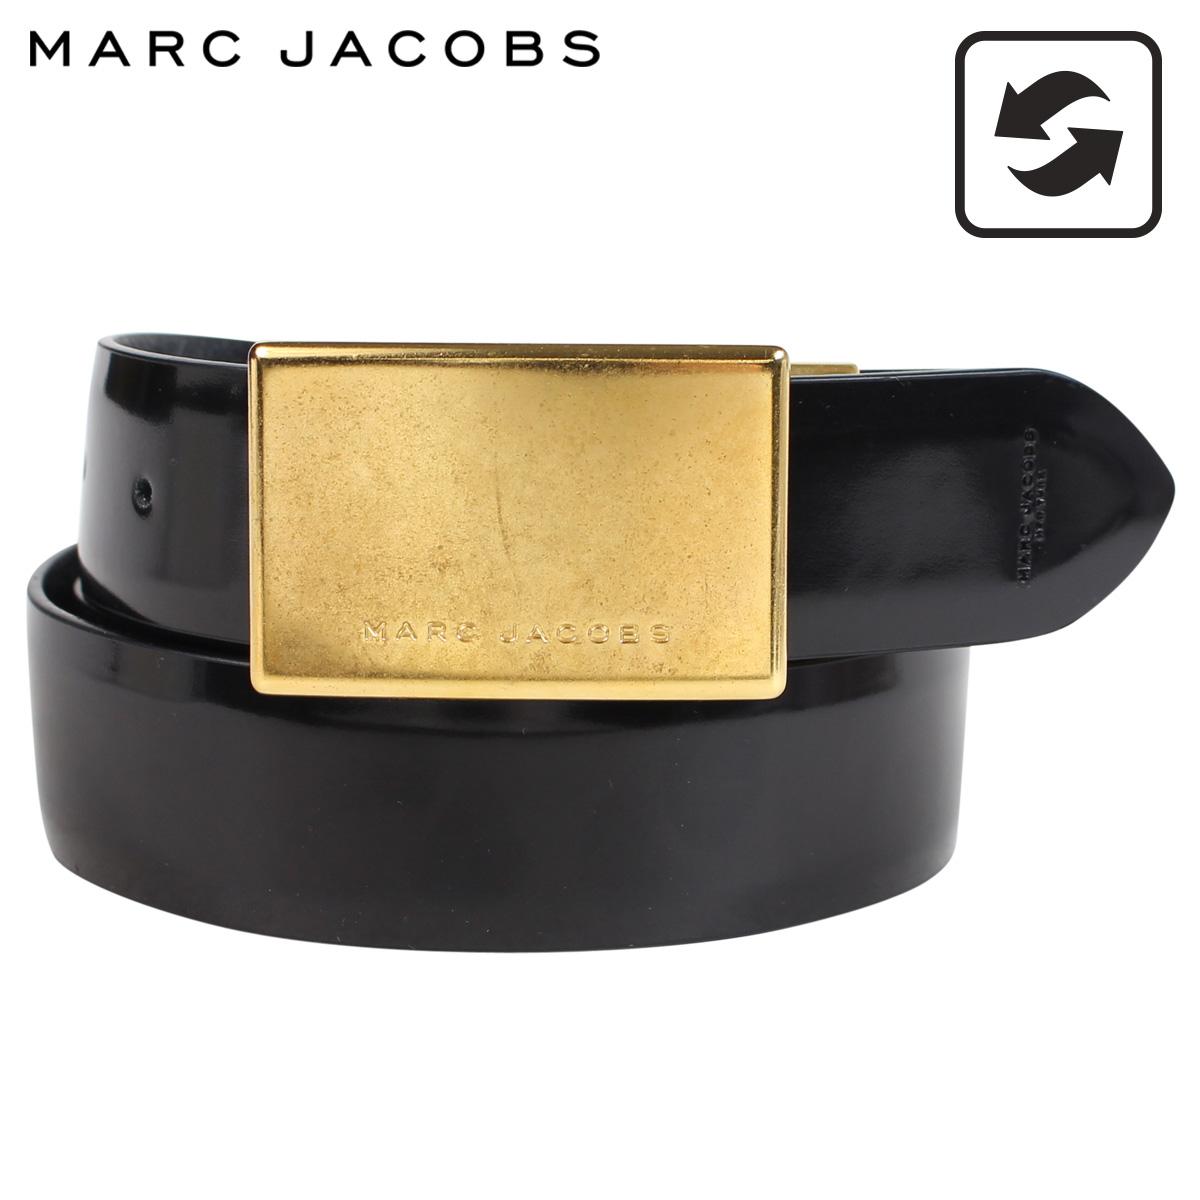 MARC JACOBS MJ REGIMENT BELT マークジェイコブス ベルト レザーベルト メンズ 本革 リバーシブル ブラック S84TP0158 [191]